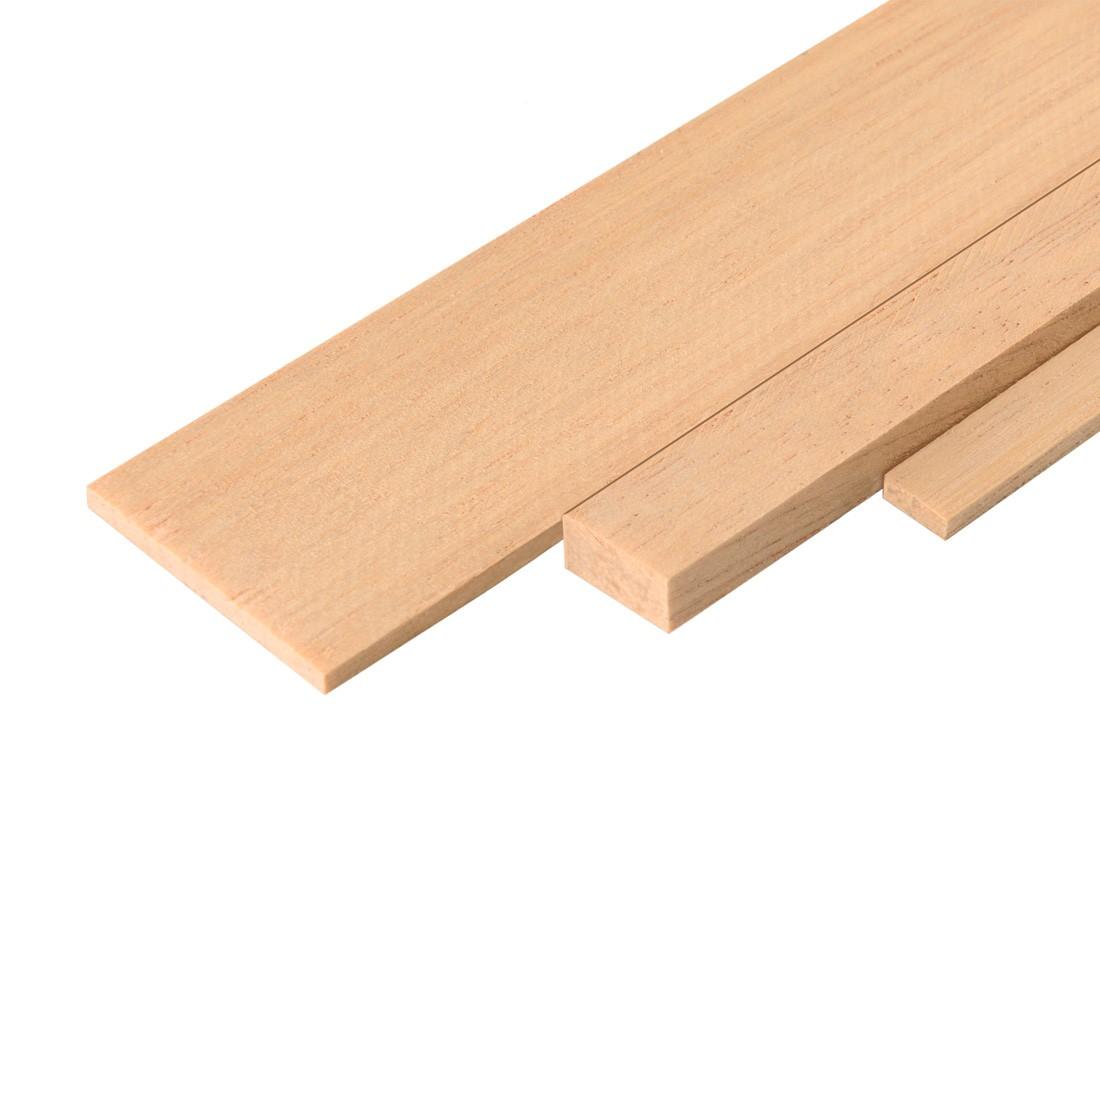 Ramin wood strip mm.2x50